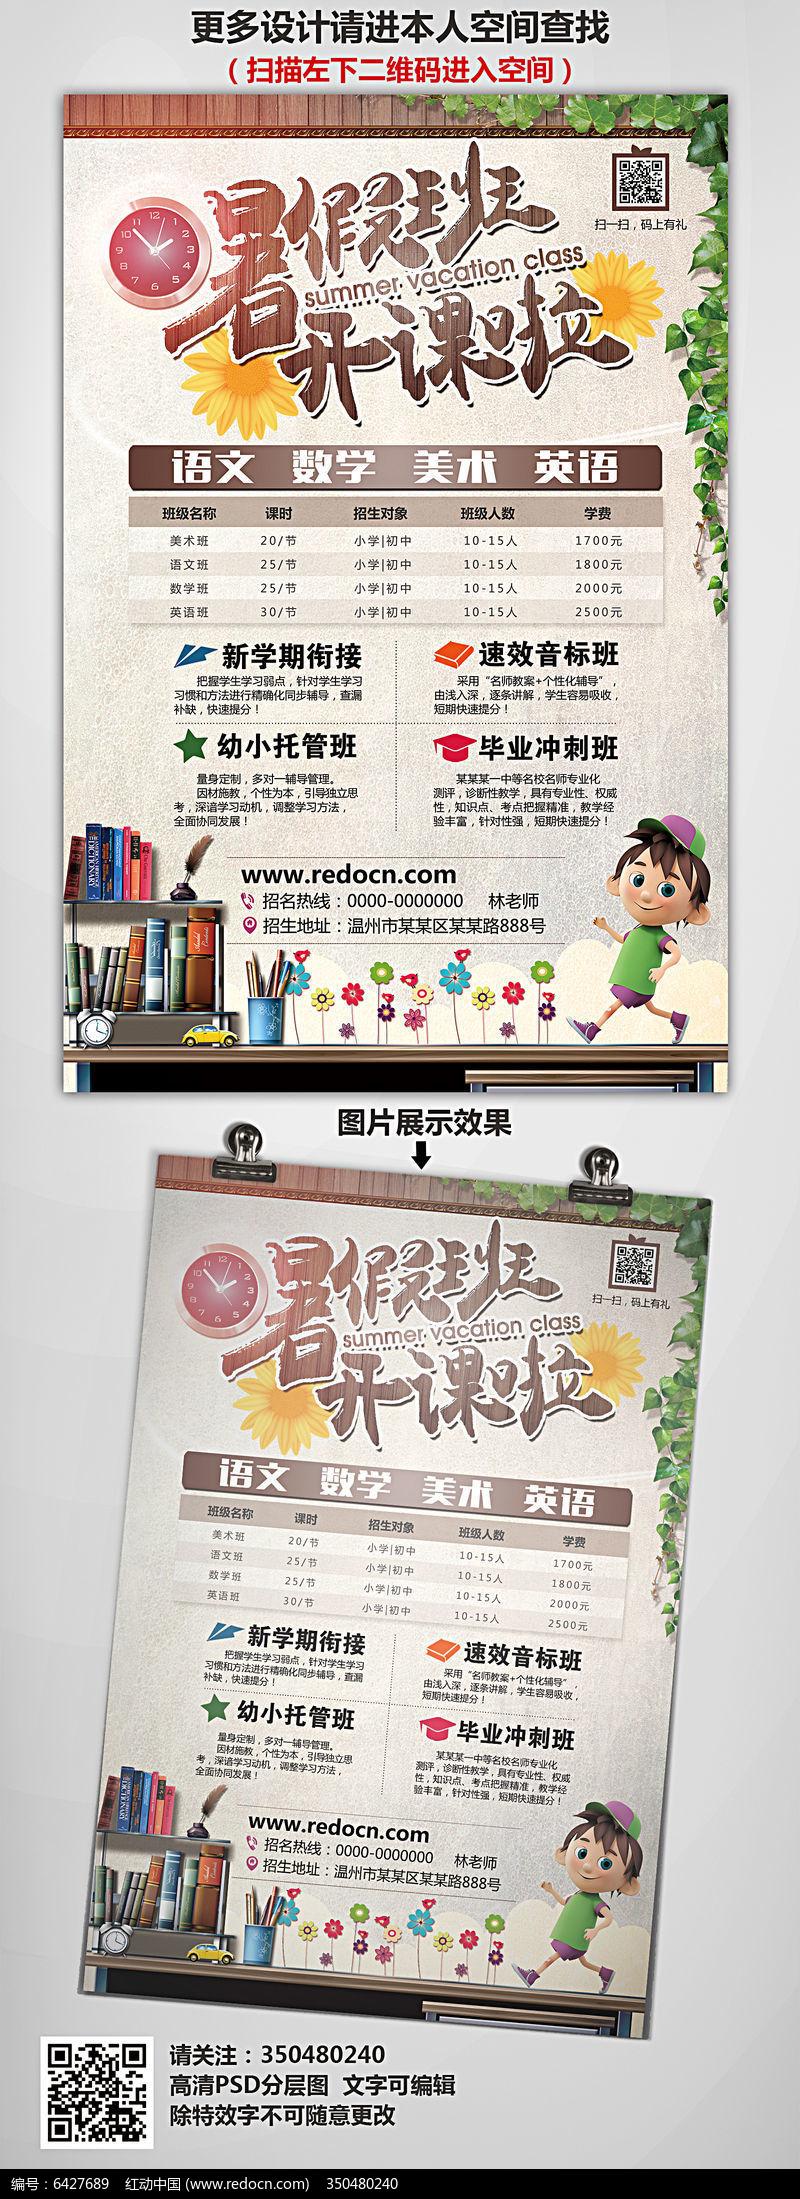 铅笔 书 钟 卡通汽车 暑期班招生 招生海报 培训招生 幼儿园招生 暑假